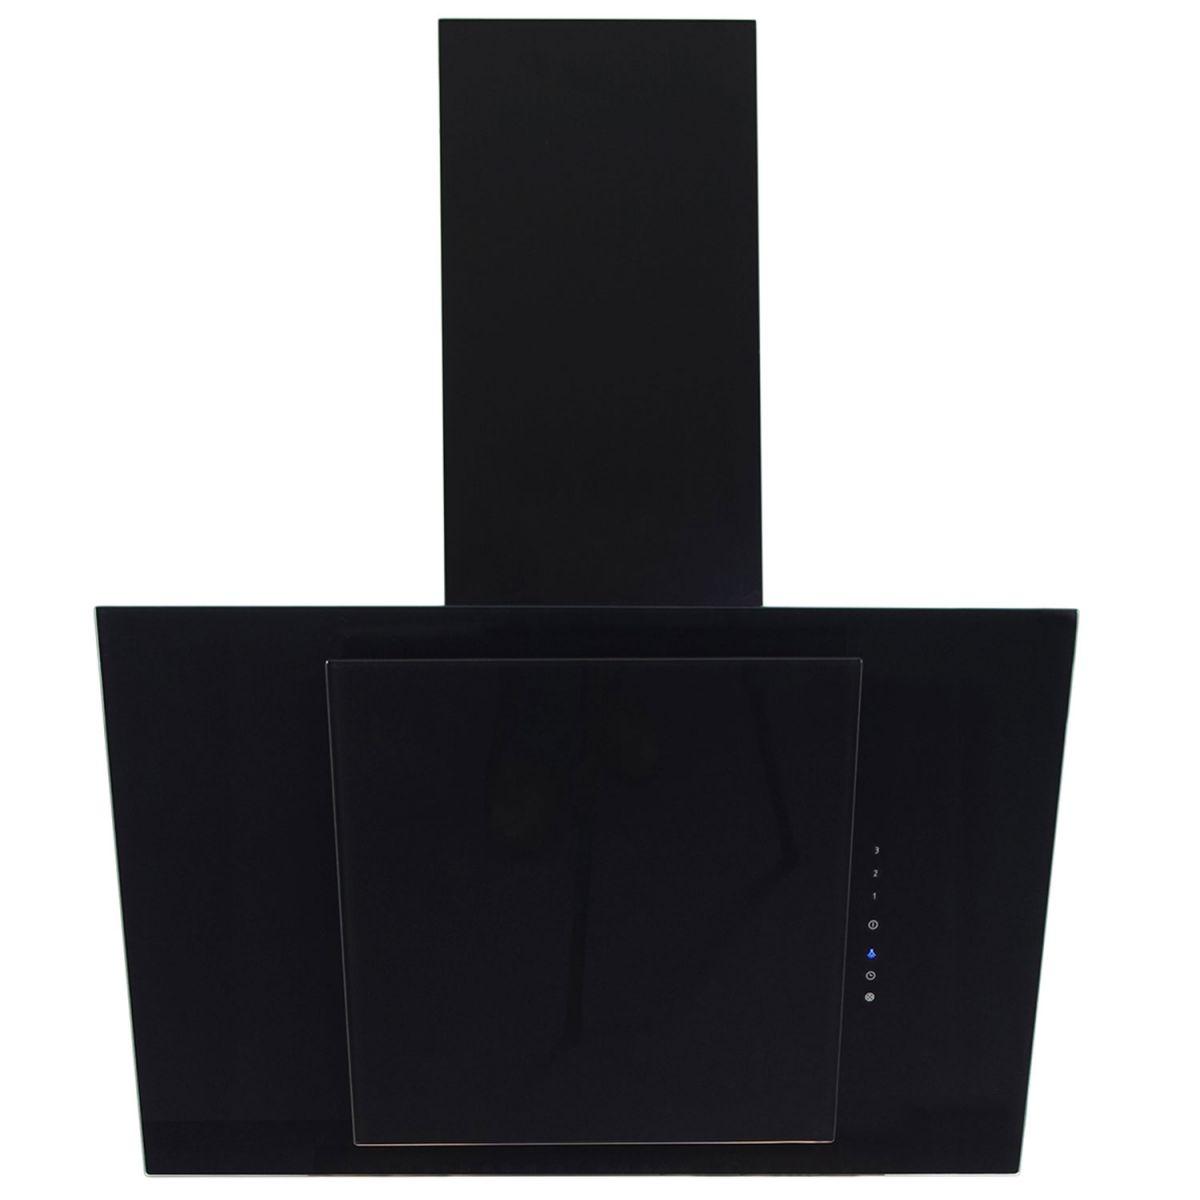 myappliances art28204 70cm black angled glass chimney. Black Bedroom Furniture Sets. Home Design Ideas